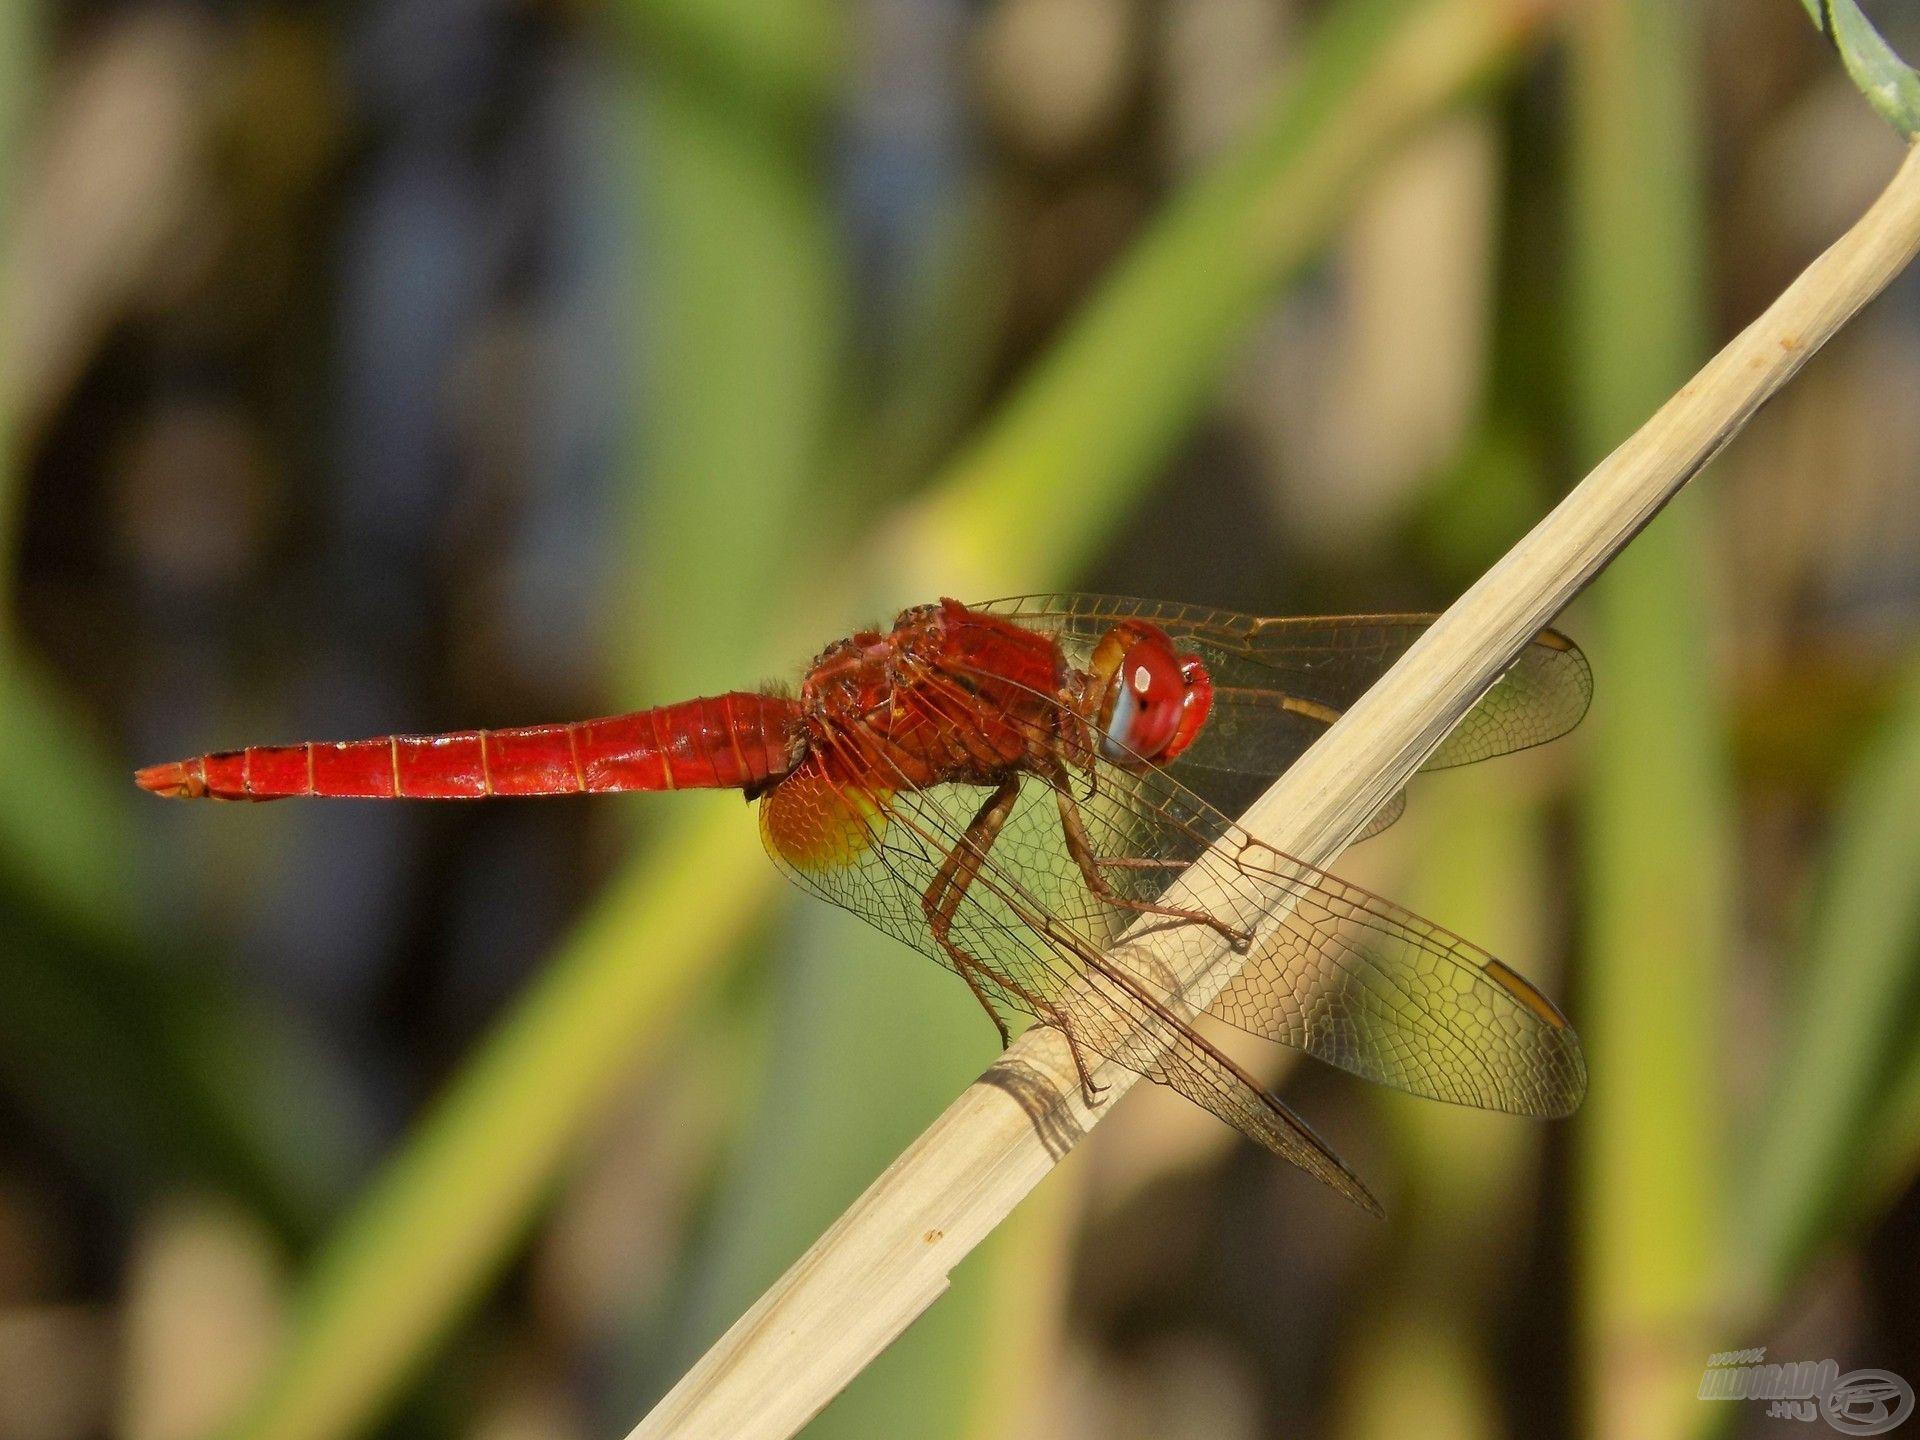 Ez a mutatós kis piros szitakötő a nádszálakon kapaszkodva pihente ki fáradalmait és figyelhette…